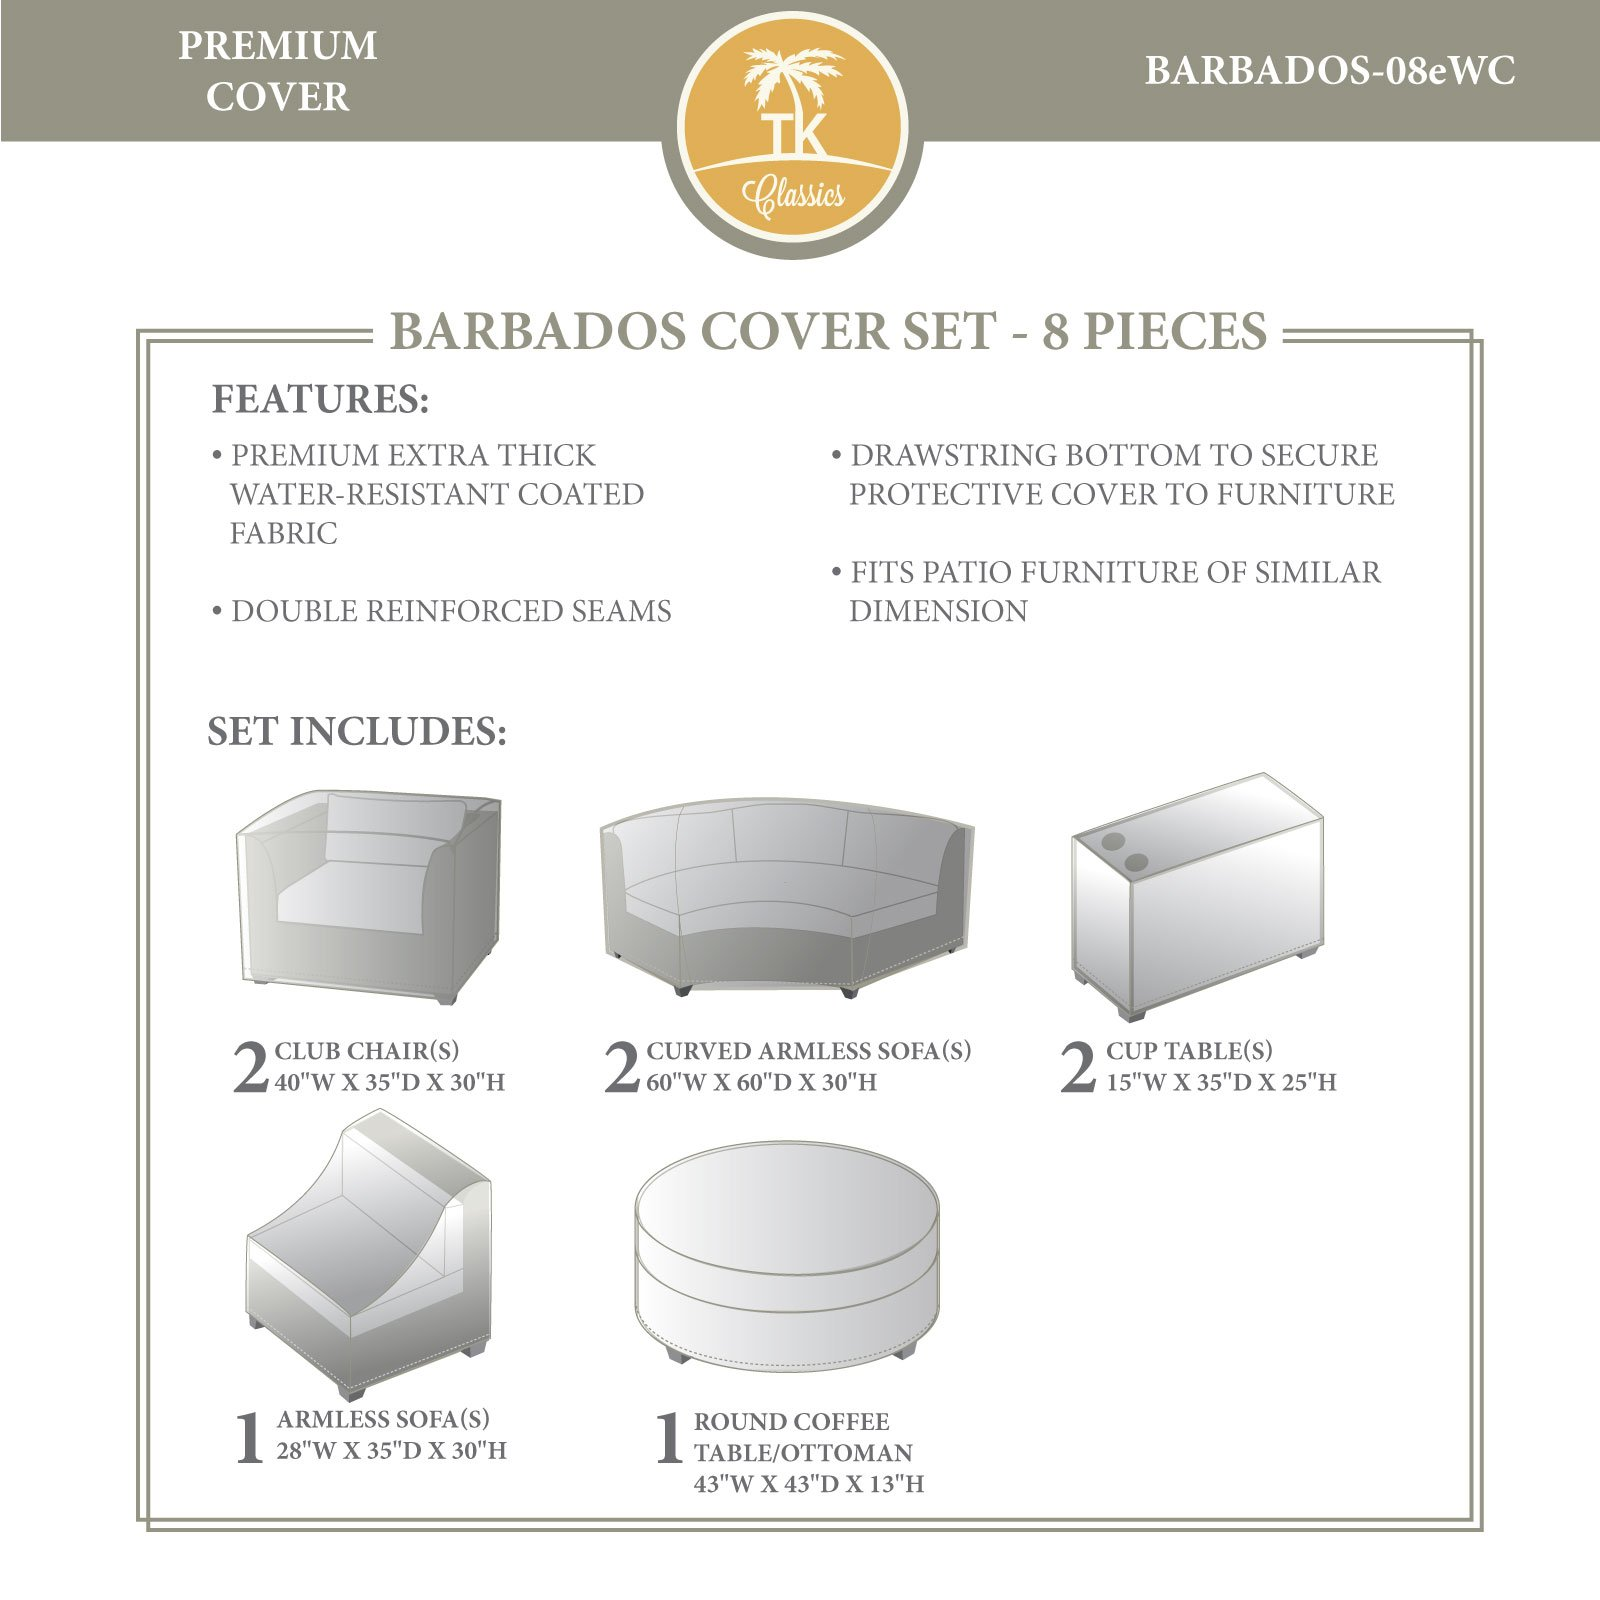 TK Classics Barbados Winter Cover Set 08eWC